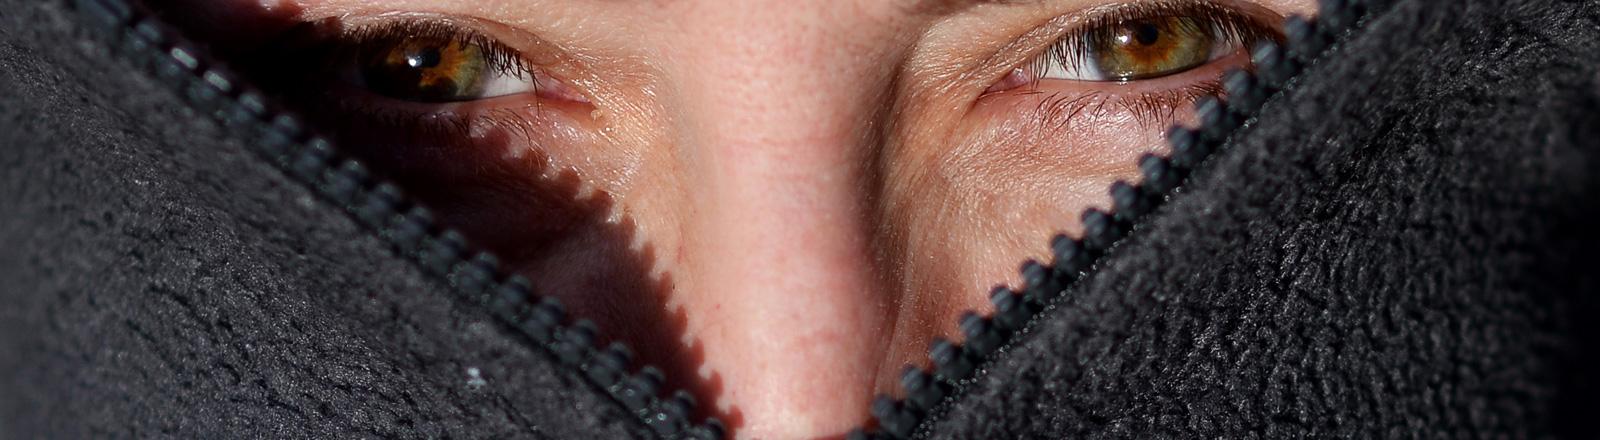 Frau versteckt ihr Gesicht in einer Fleece-Jacke.